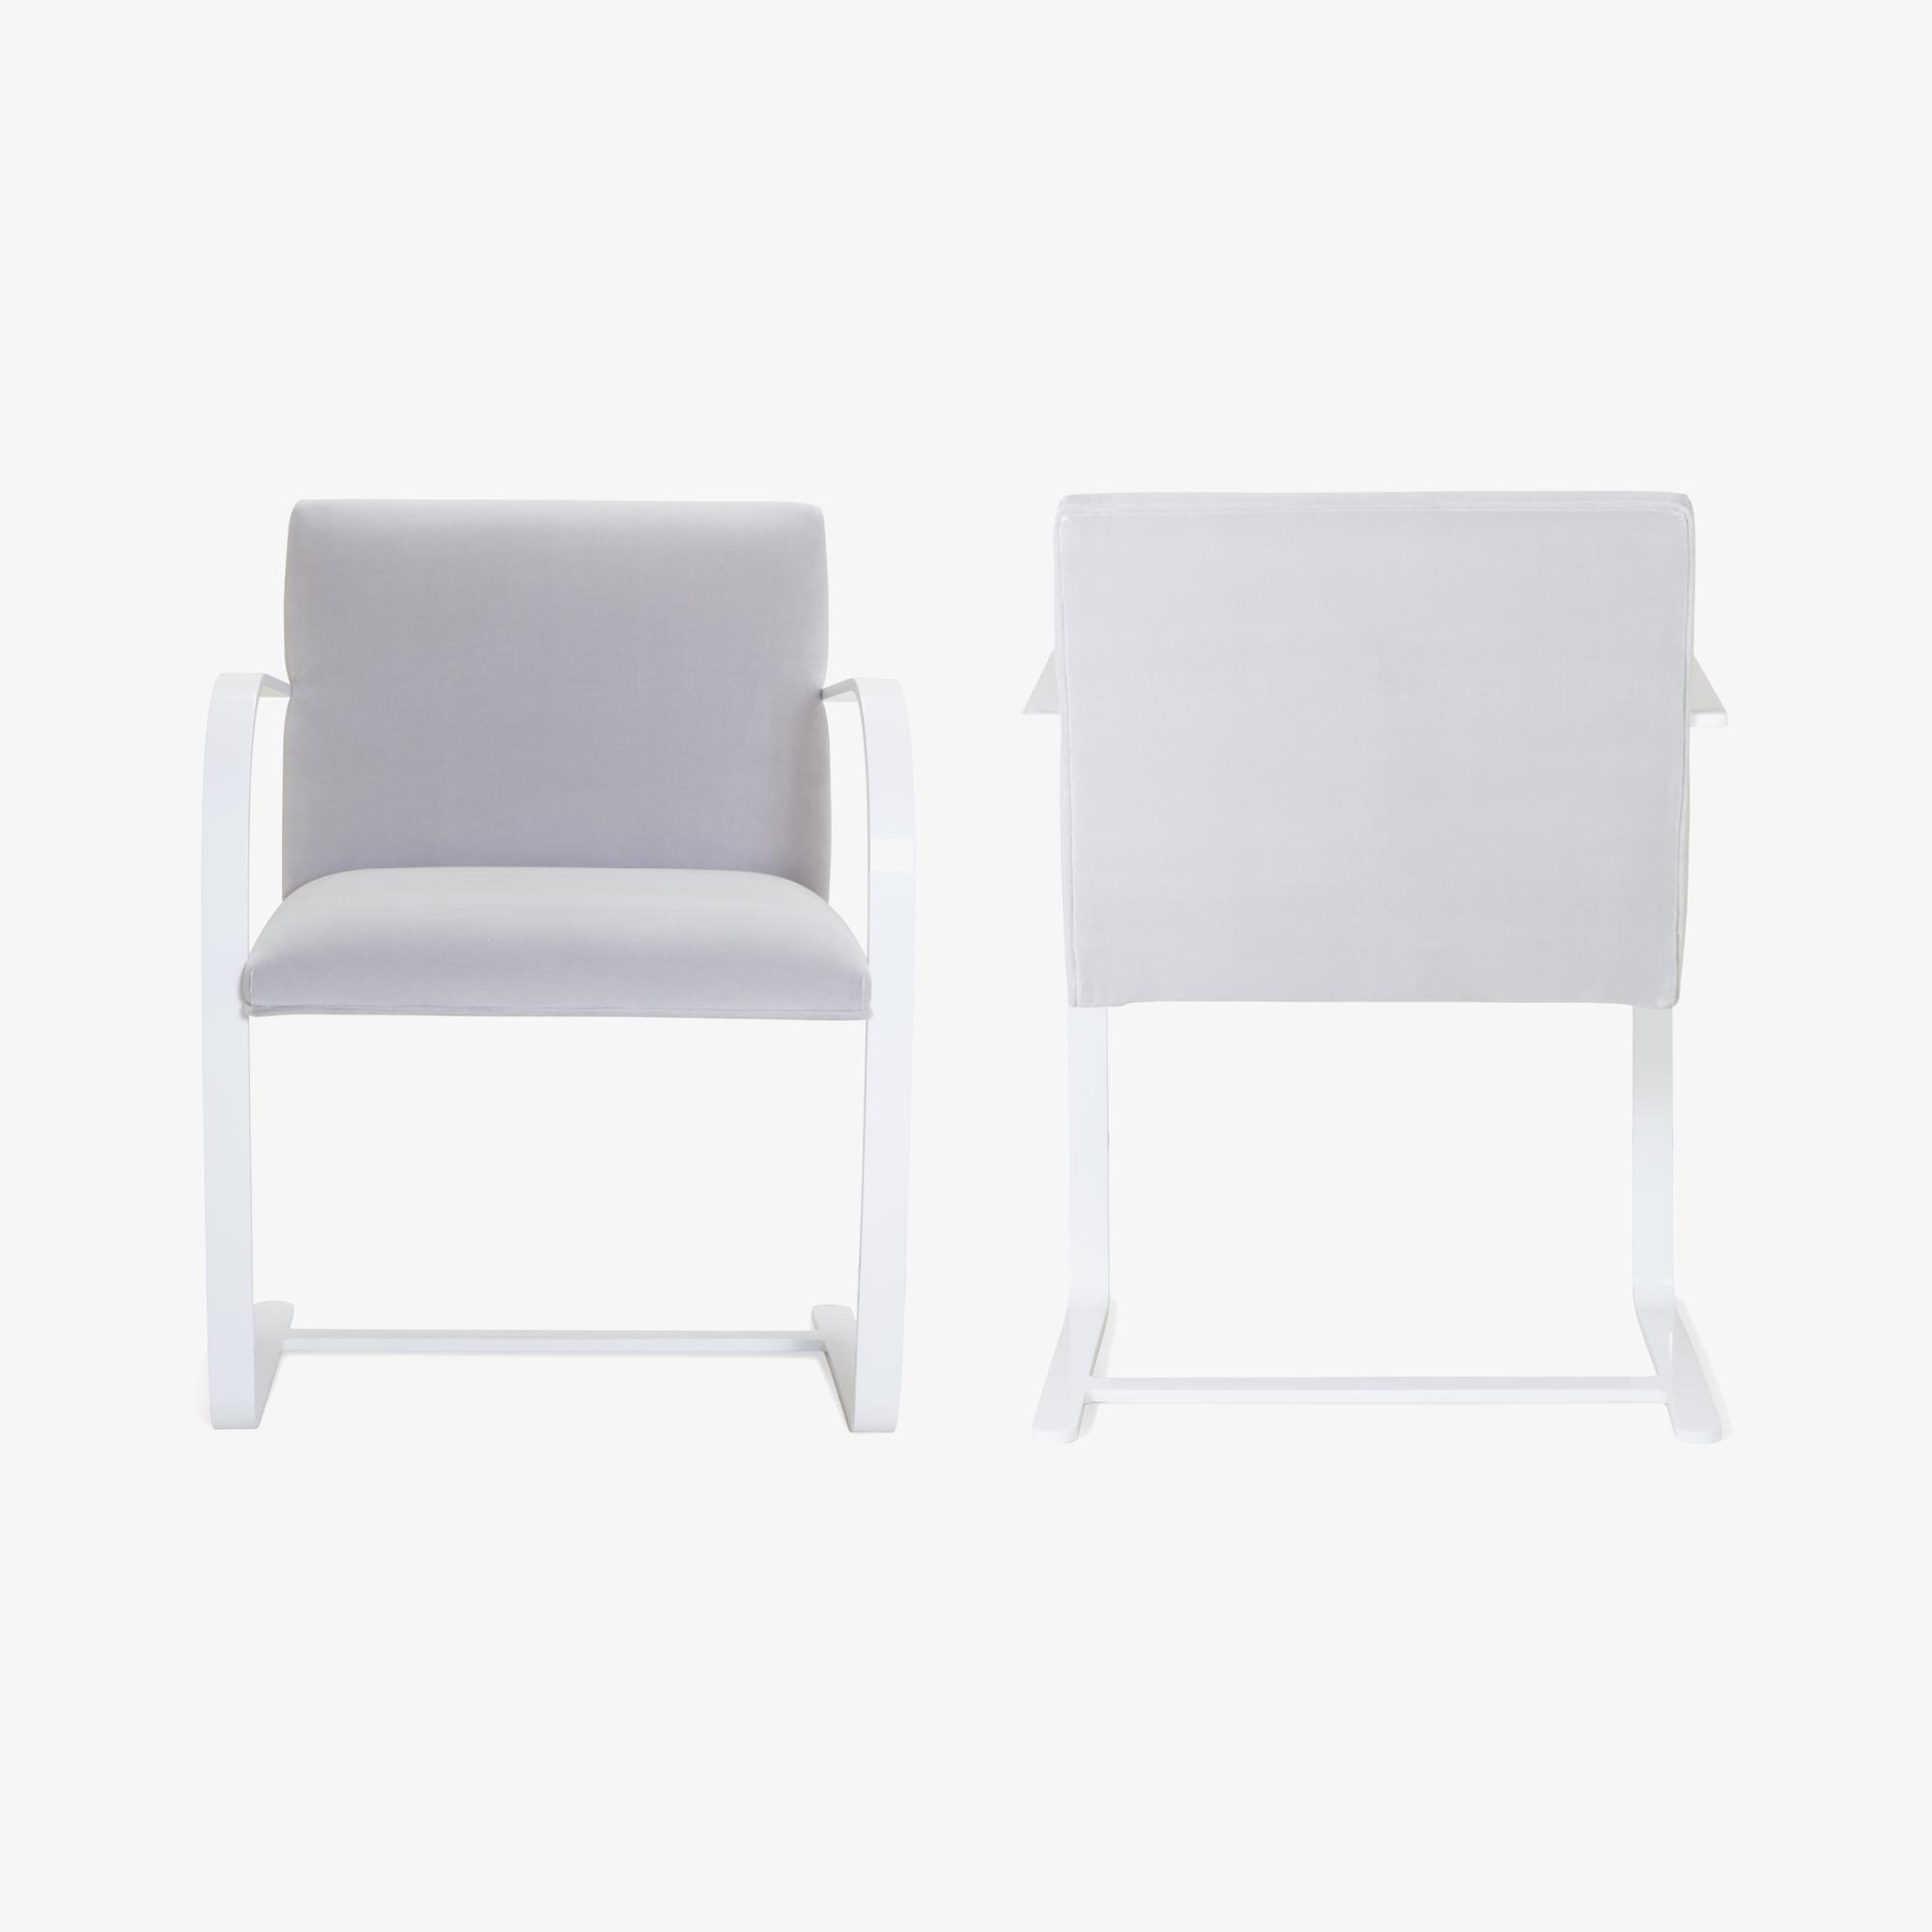 Brno Flat-Bar Chair in Dove Velvet, Lunar Gloss3.png